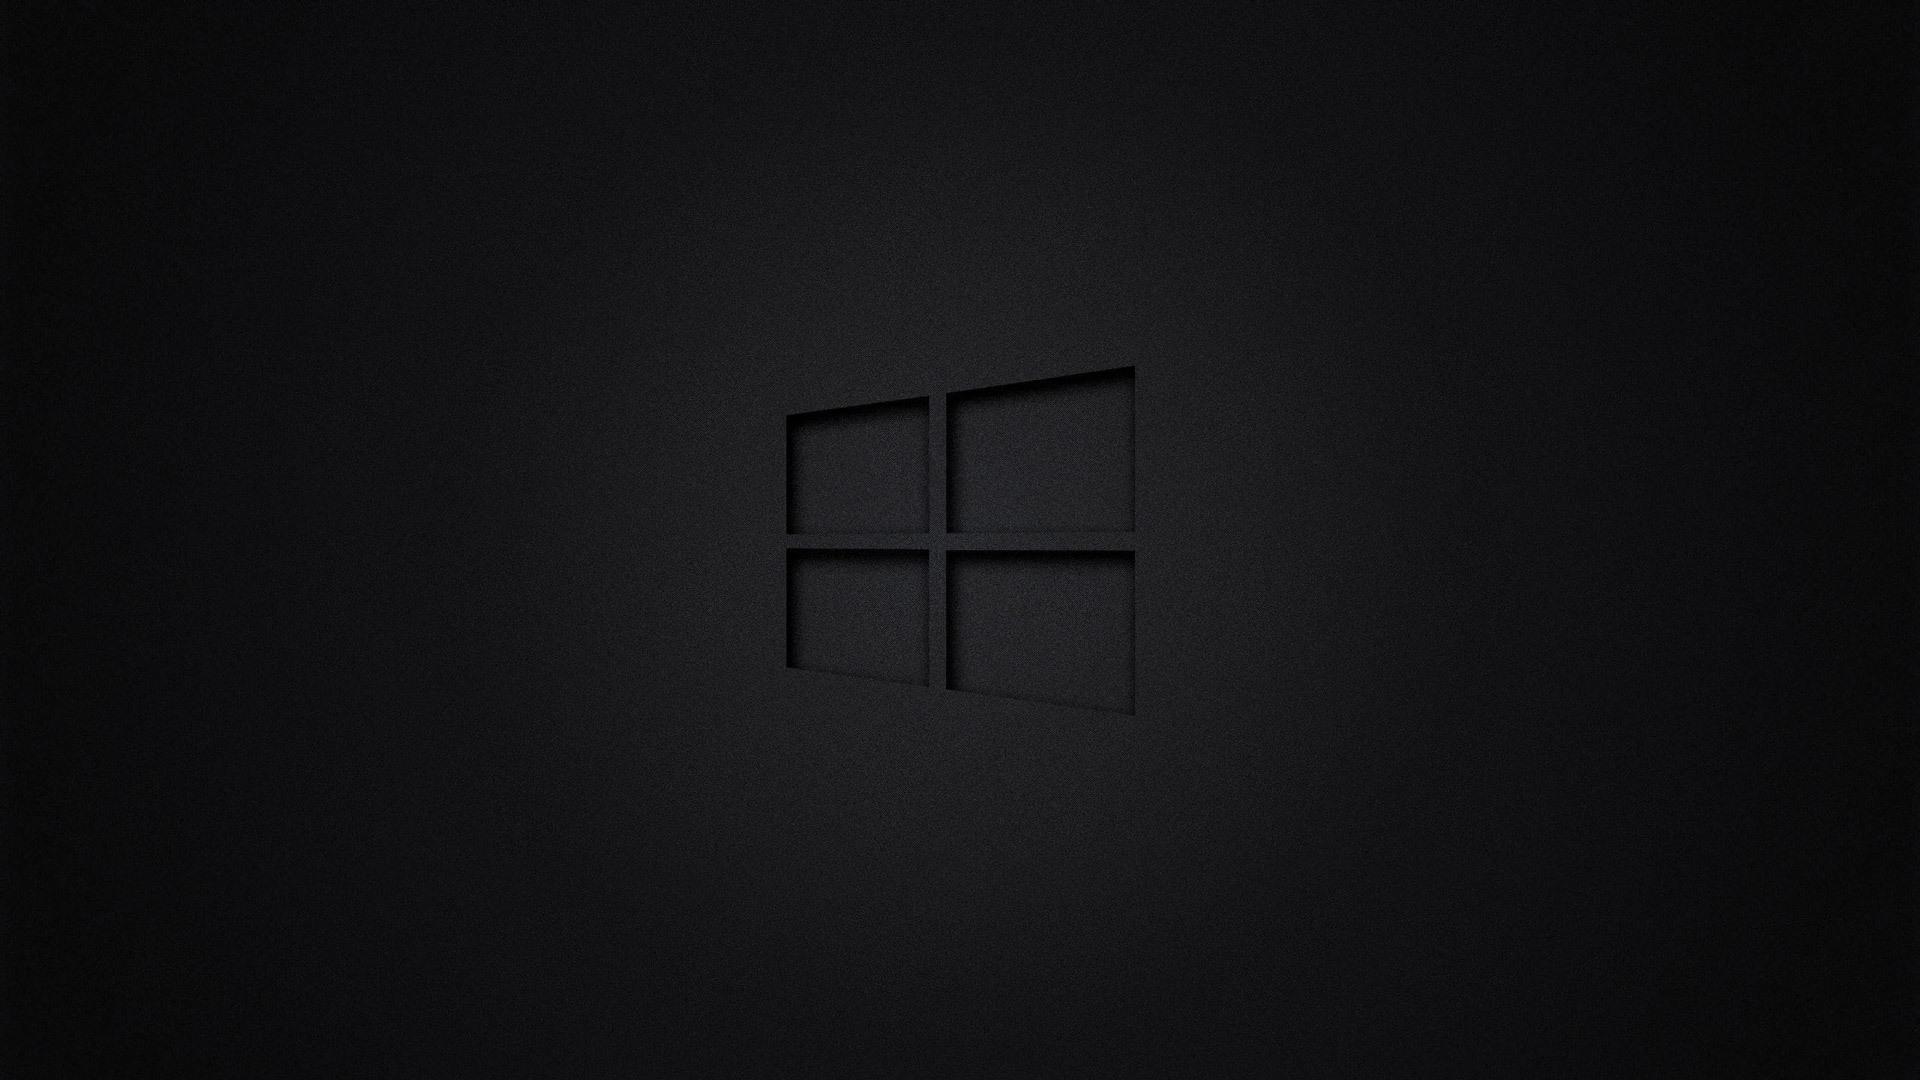 Wallpaper Full Hd 1080p 3d 1920x1080 Windows 10 Dark Laptop Full Hd 1080p Hd 4k